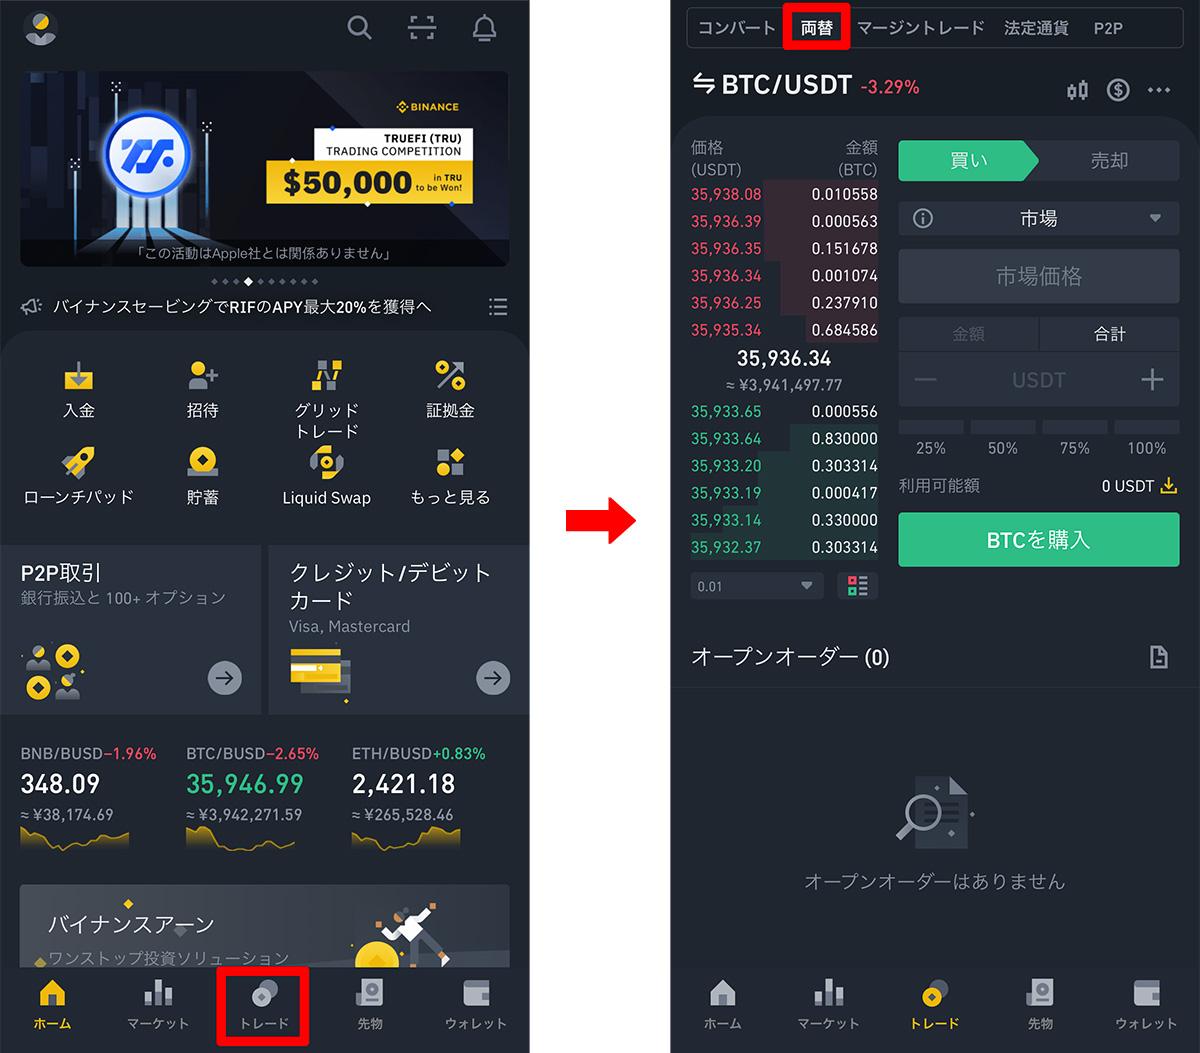 アプリ下部に記載されている「トレード」のボタンをタップして、画面上部に記載されている「両替」のボタンをタップすると現物取引の操作画面に移動することが可能